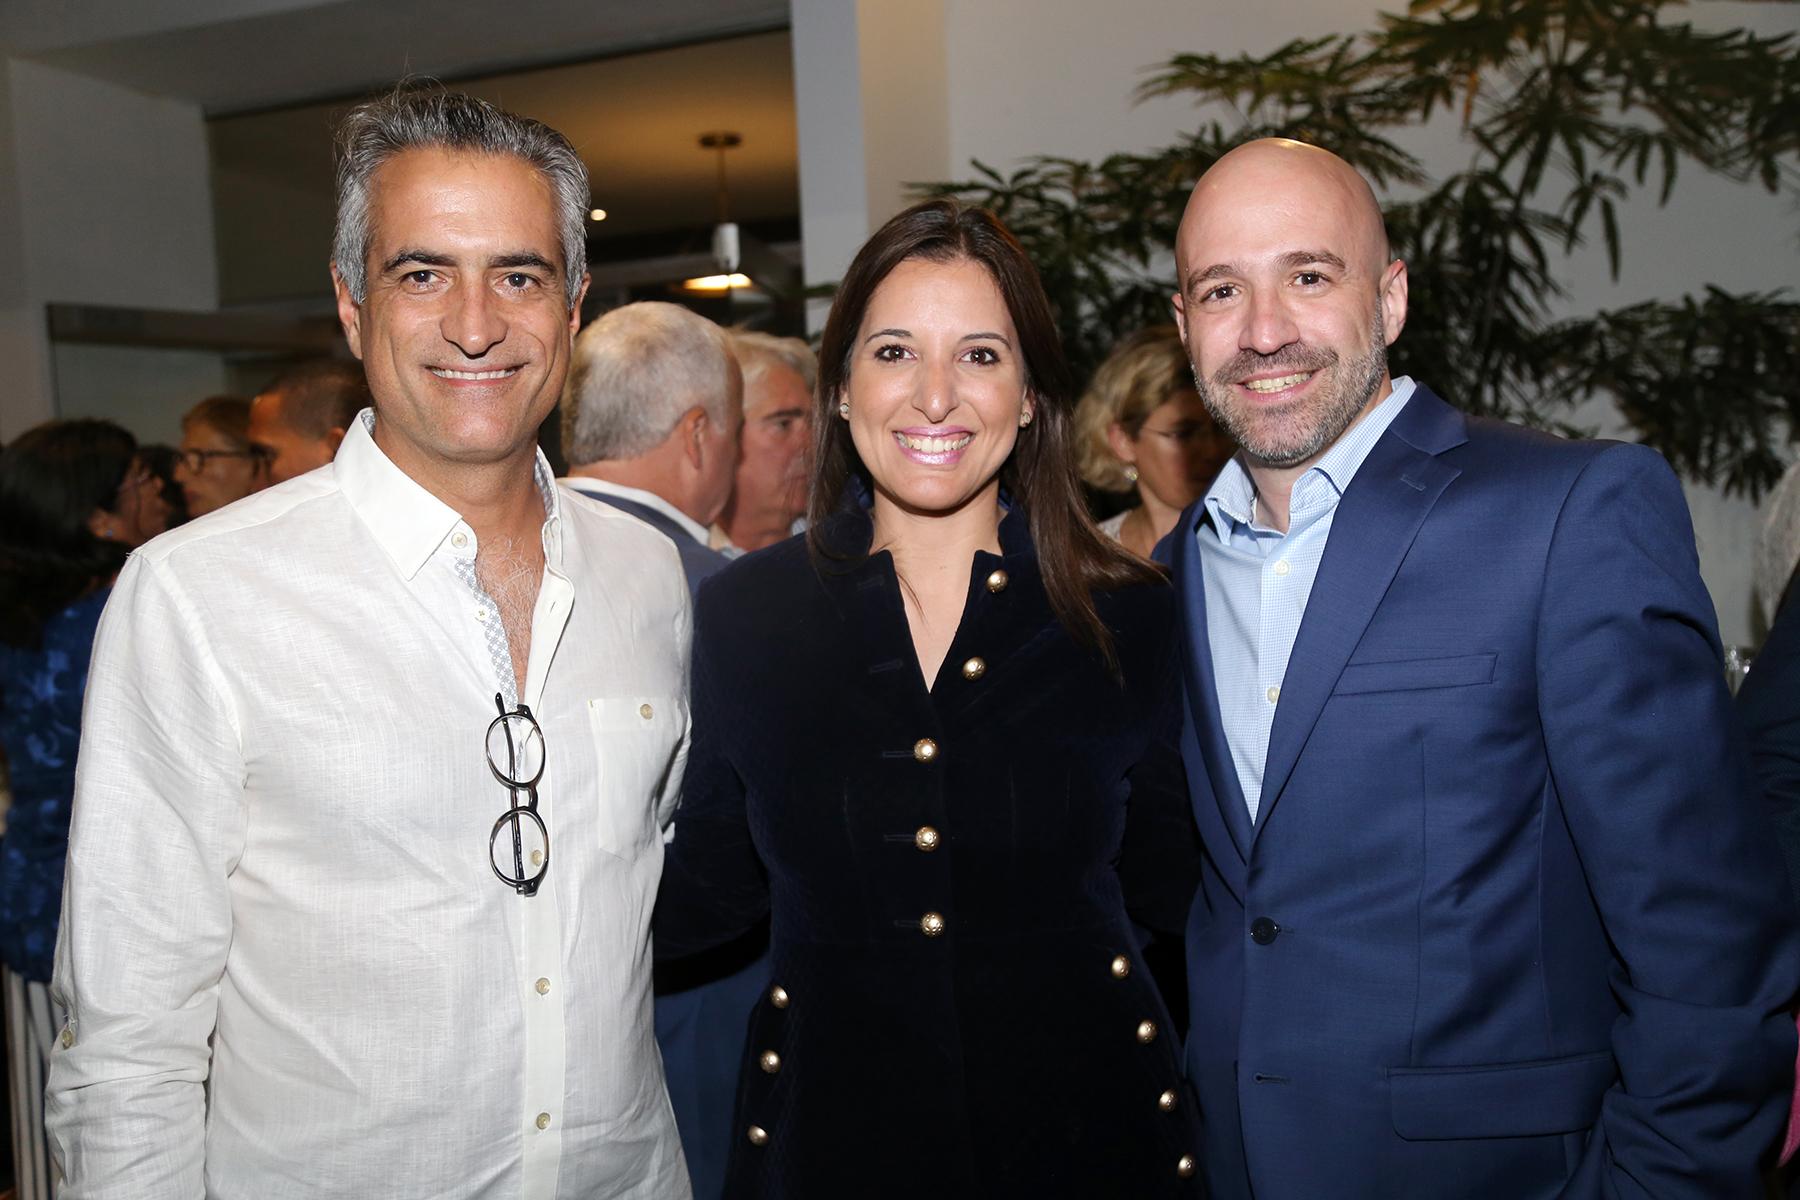 Luis Alberto Ferré Rangel, Anabelle Torres y Tomás Román. (Foto: Nichole Saldarriaga)